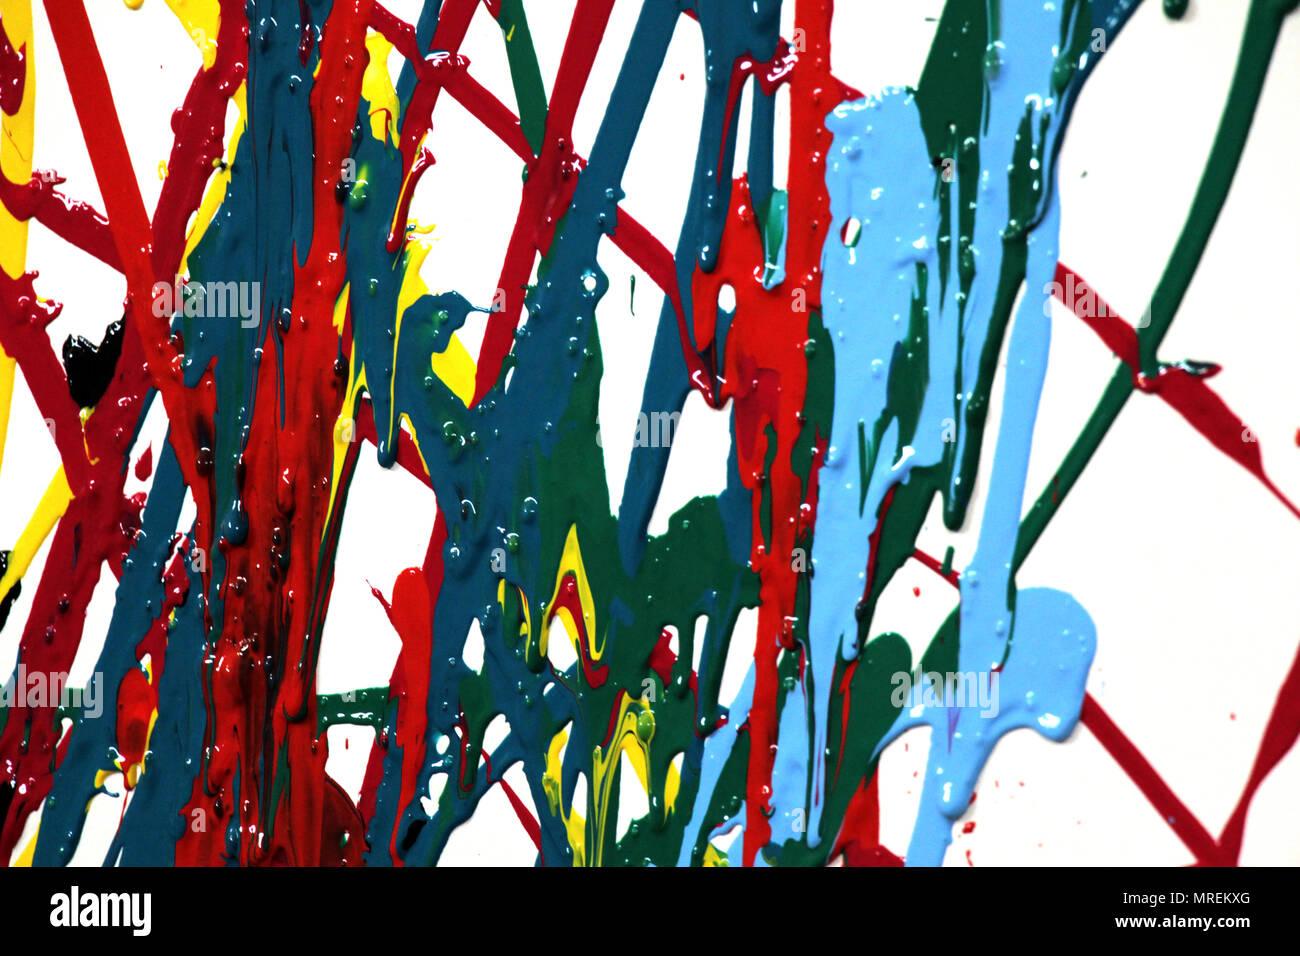 Gouache spalmato su una parete bianca. Vari colori e forme. Immagini Stock